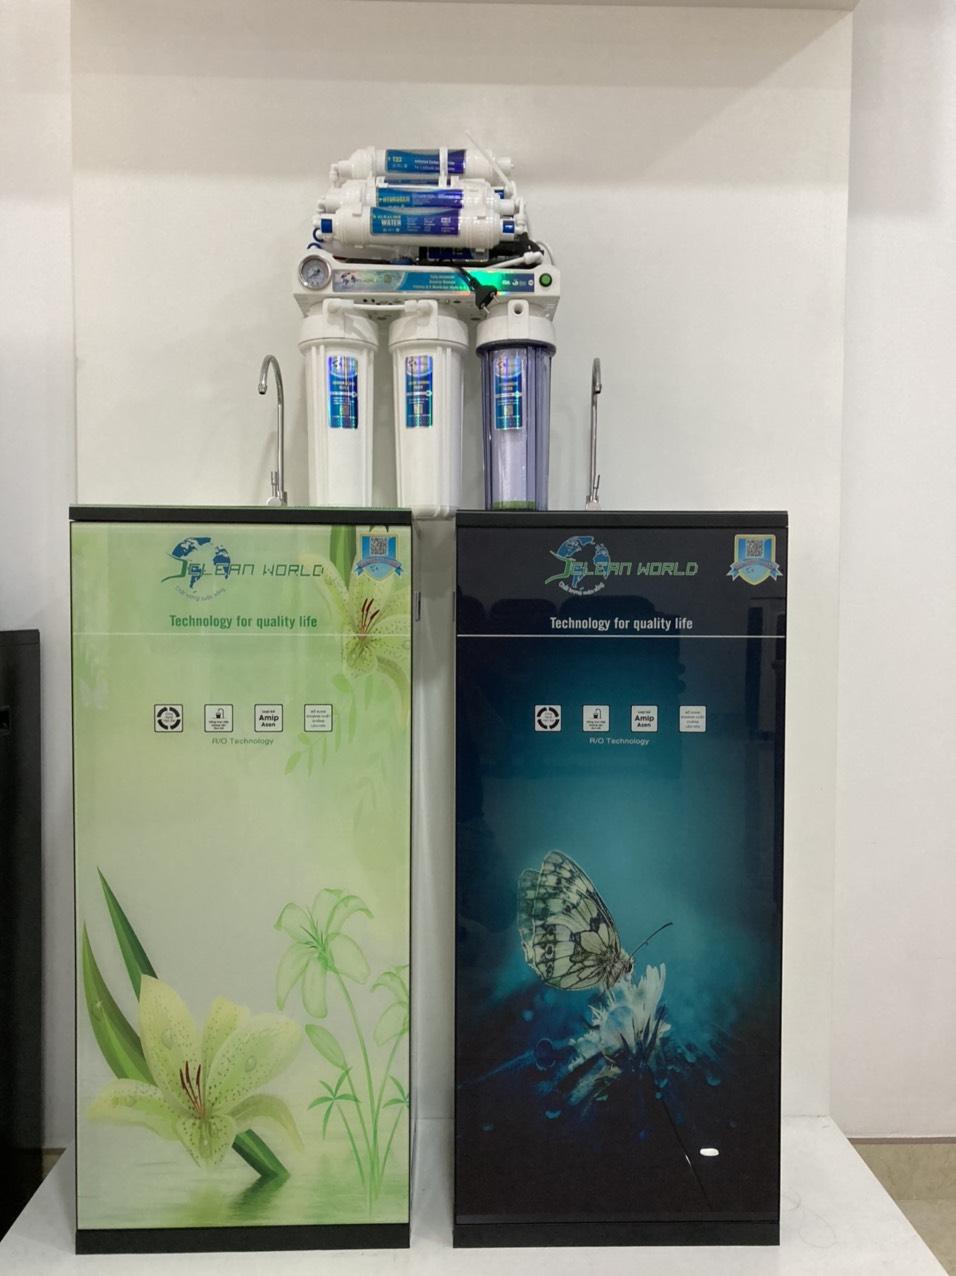 may loc nuoc ro clean world2 - Máy lọc nước RO Clean World